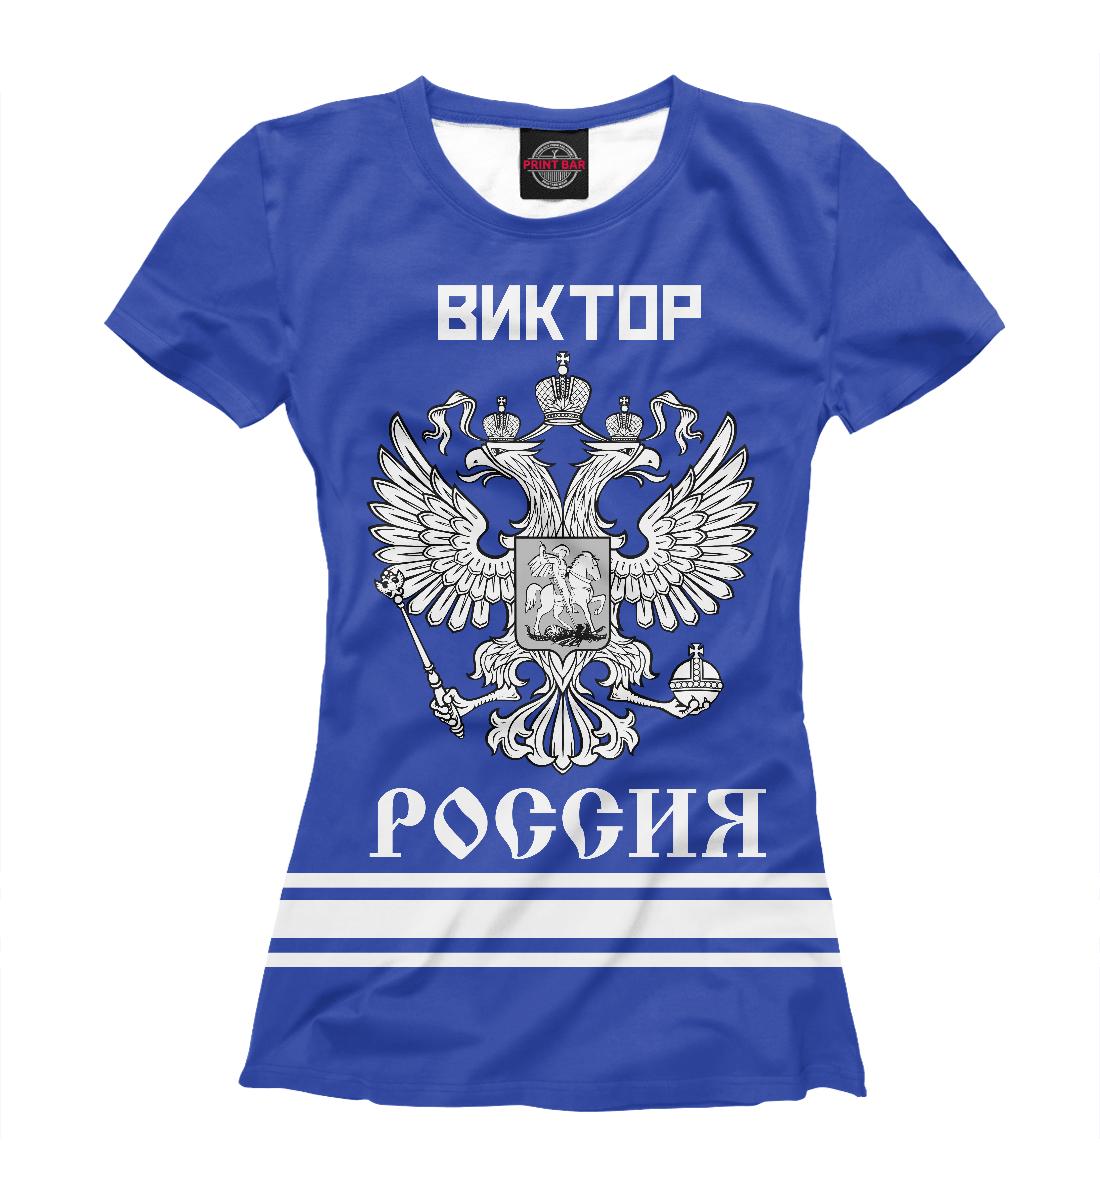 Купить ВИКТОР sport russia collection, Printbar, Футболки, VKT-521173-fut-1